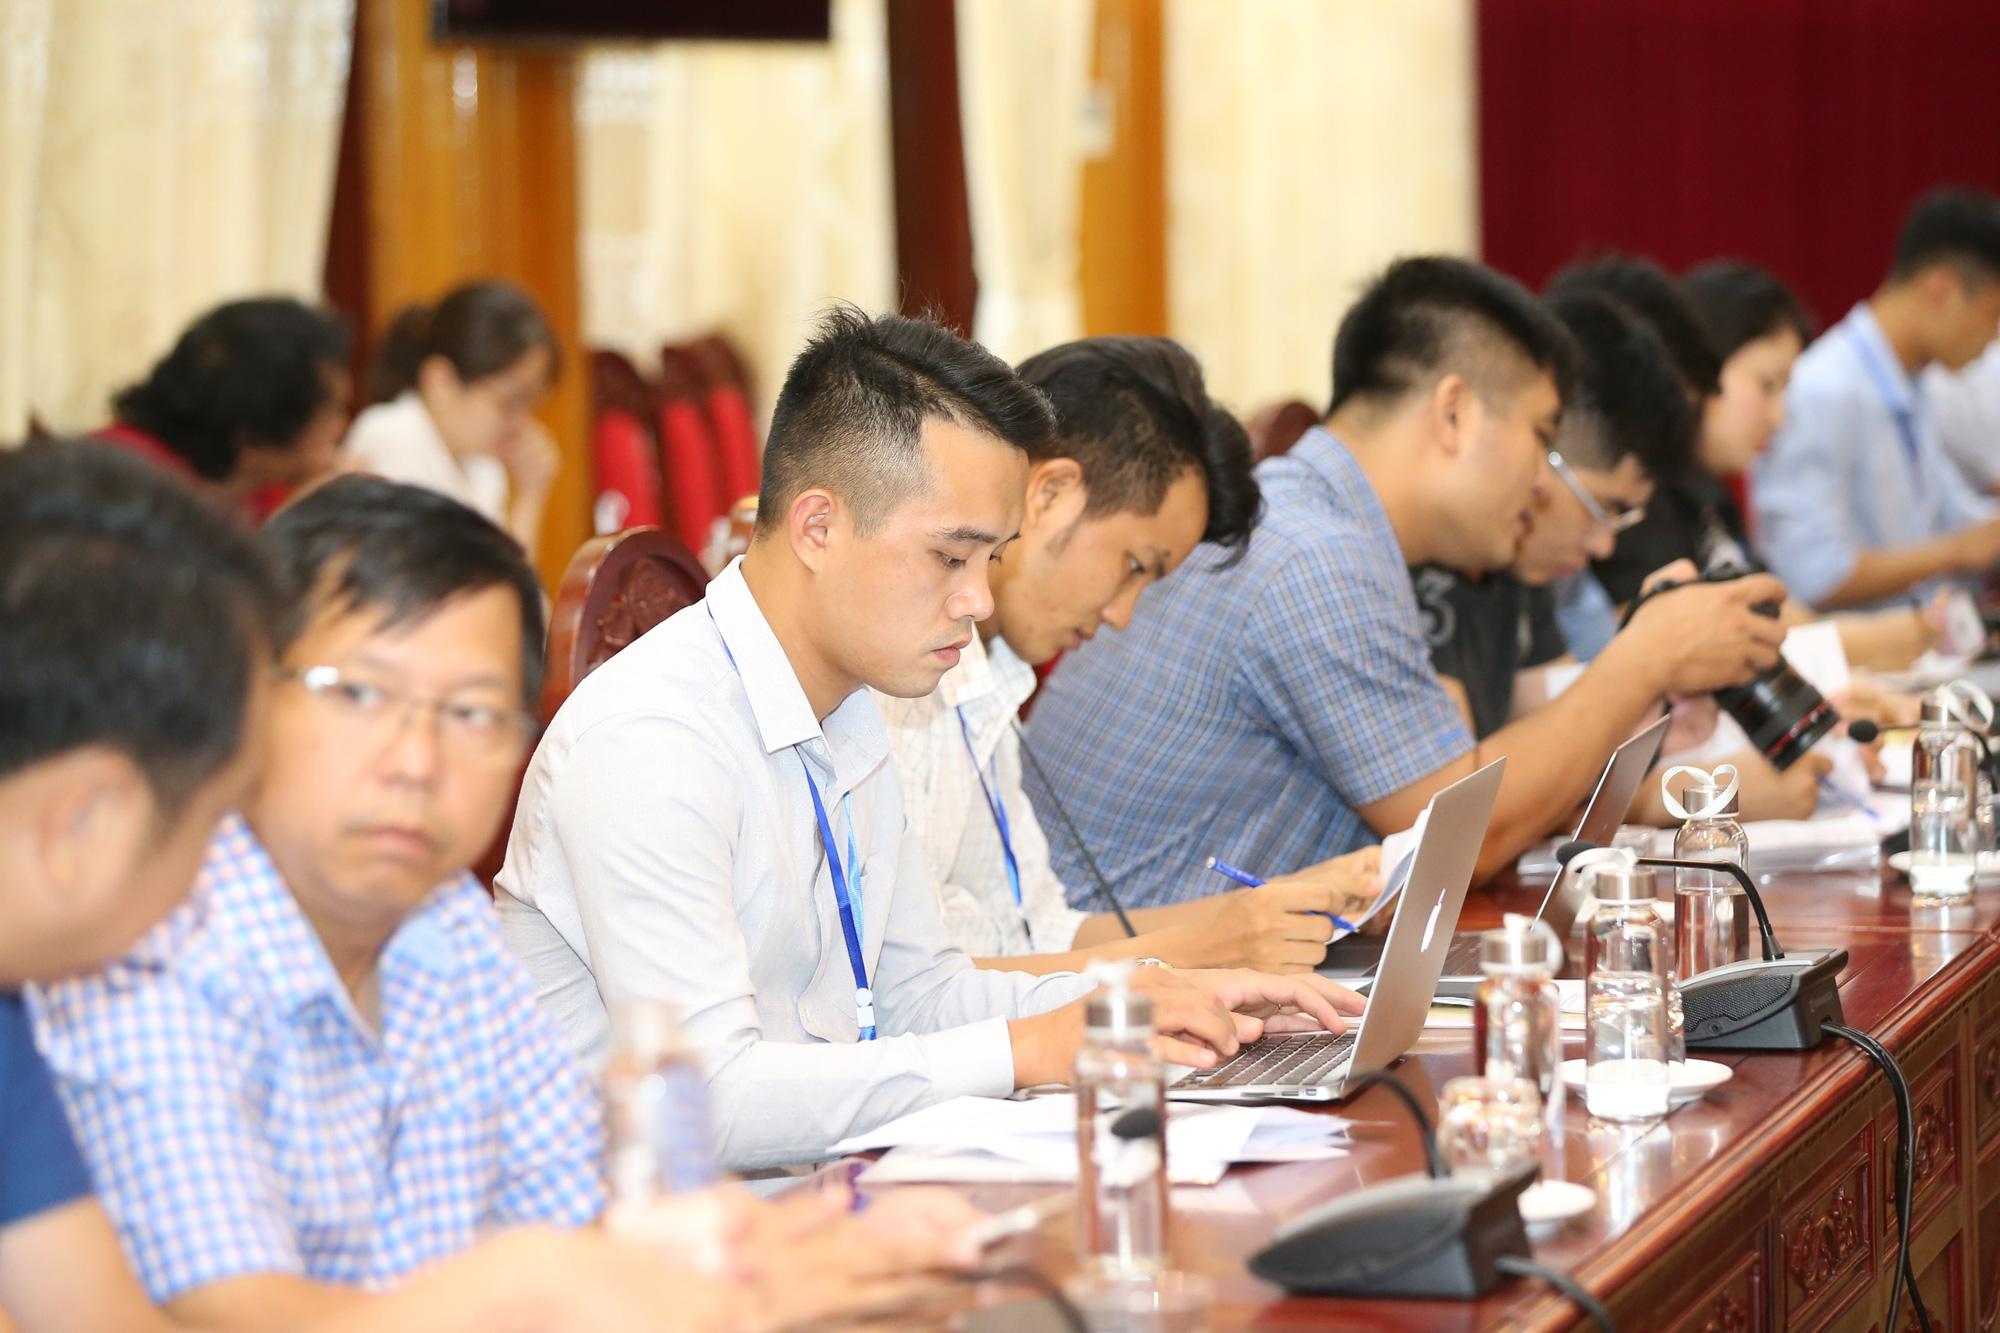 Yên Bái: Liên kết nông thôn với đô thị, công nghiệp, dịch vụ với nông nghiệp là đột phá chiến lược - Ảnh 3.